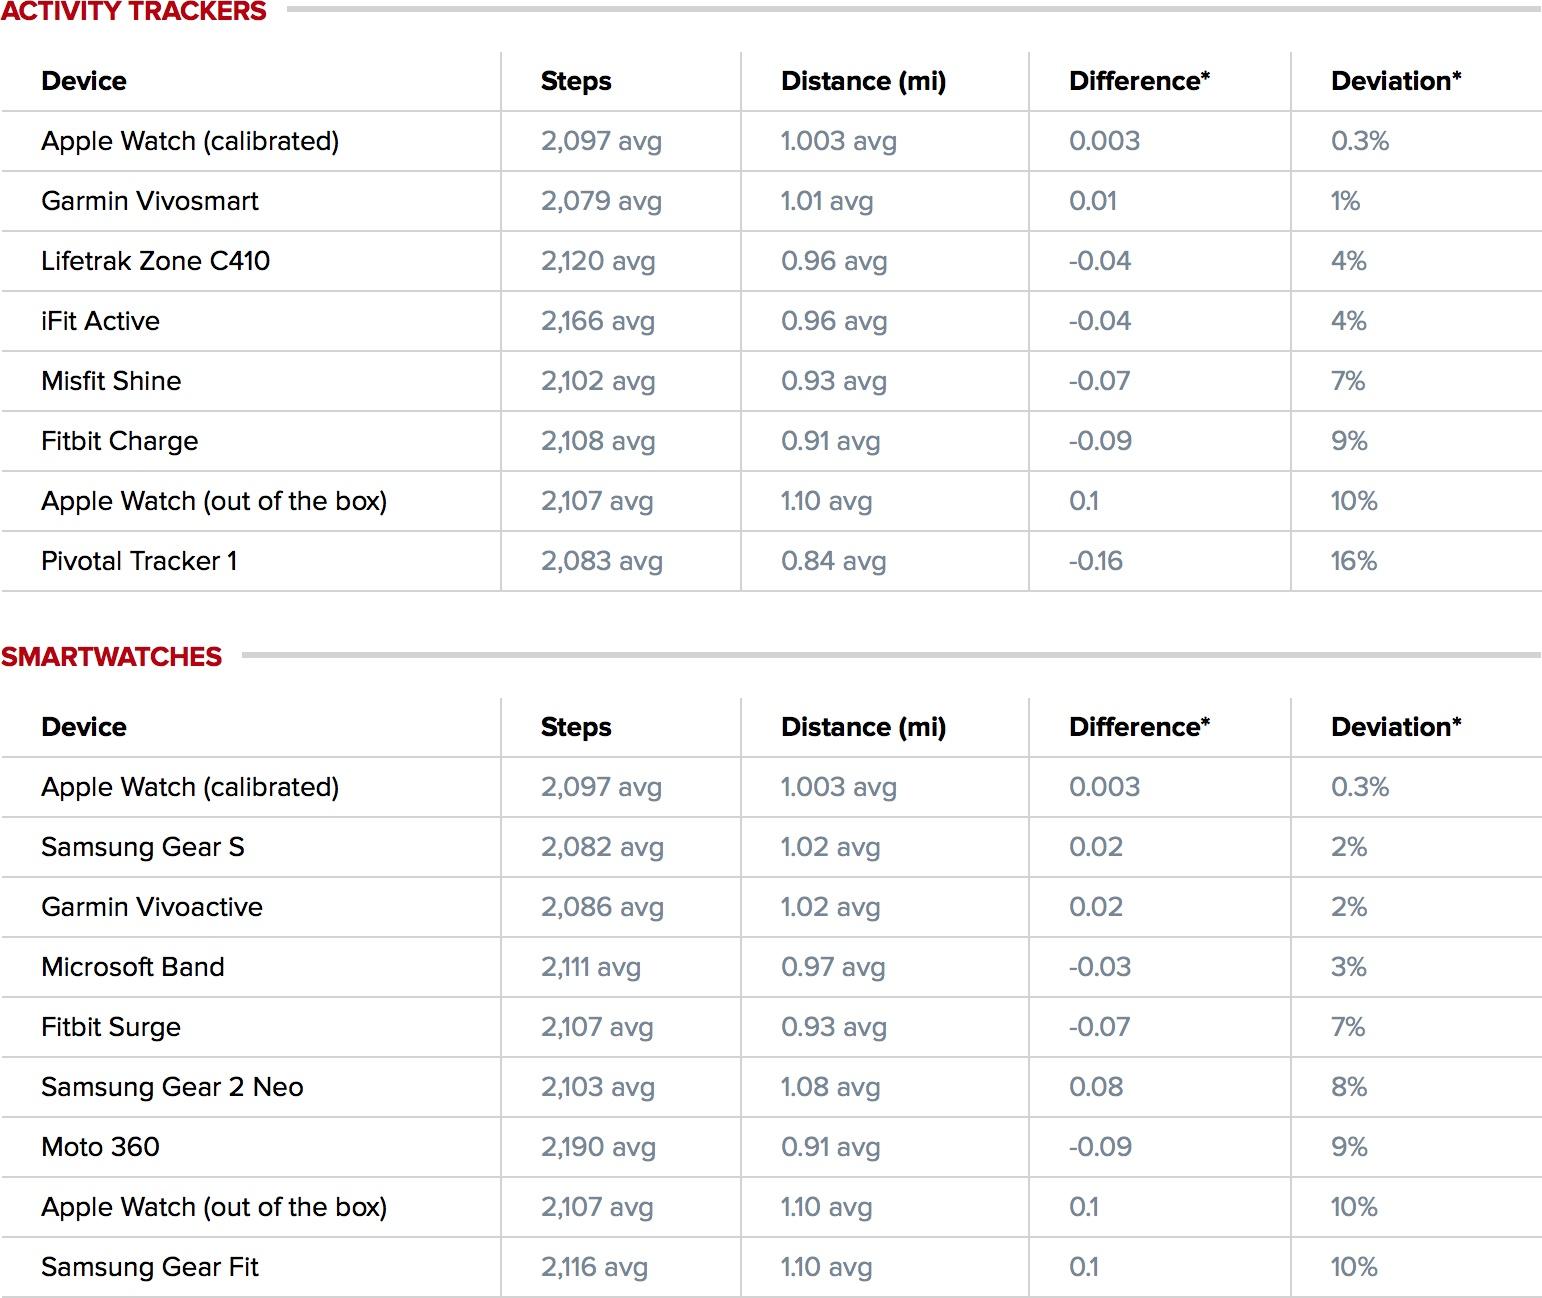 Tabela comparativa - Passos e distância